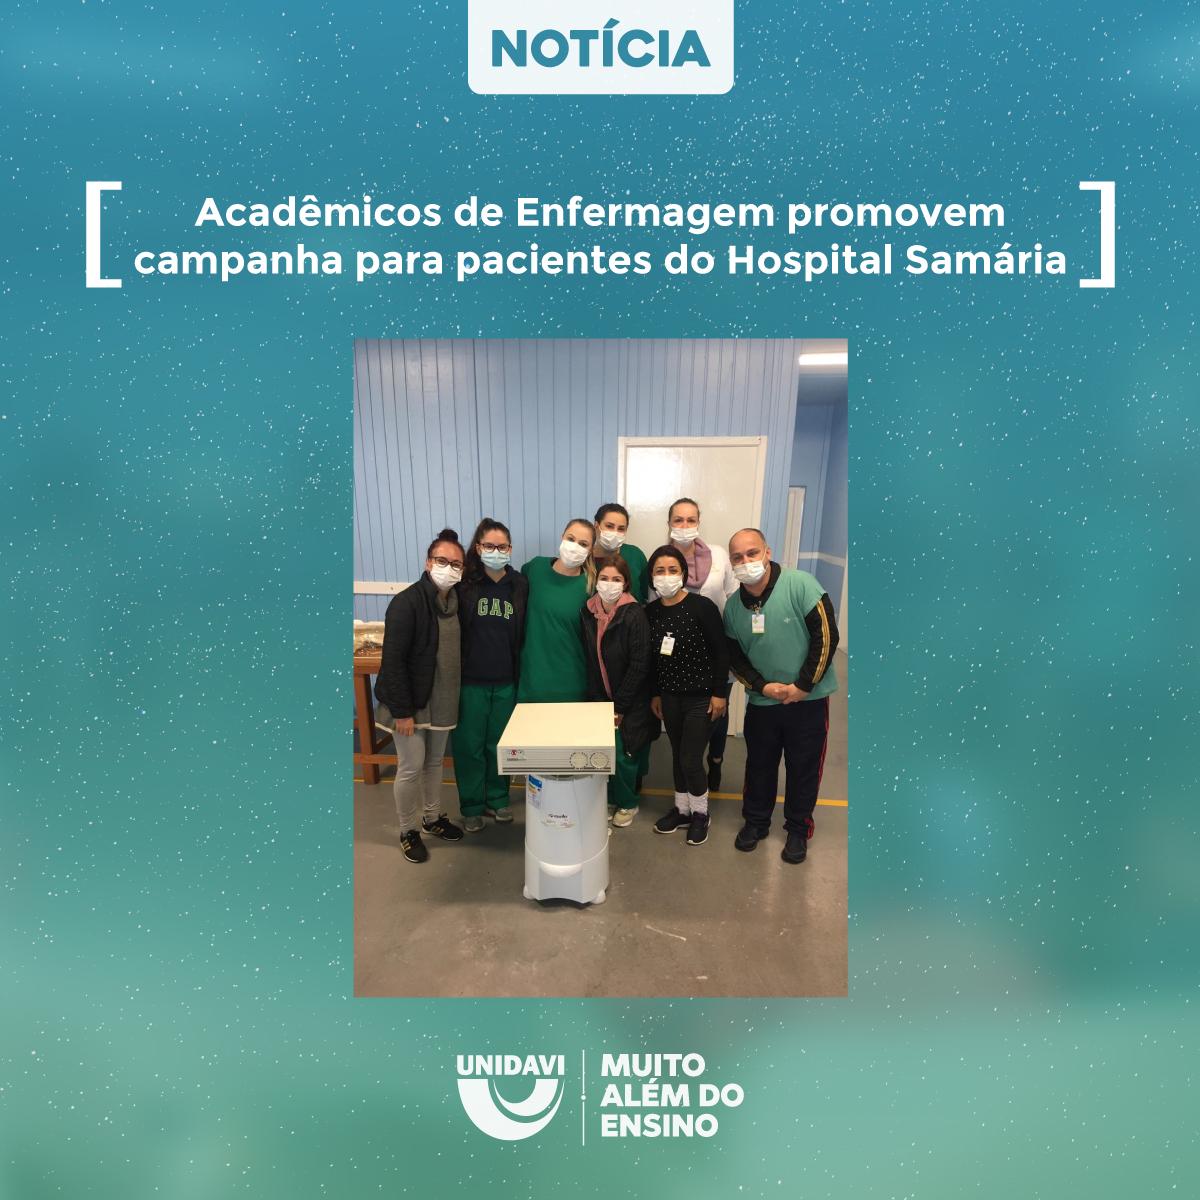 Acadêmicos de Enfermagem promovem campanha para pacientes do Hospital Samária